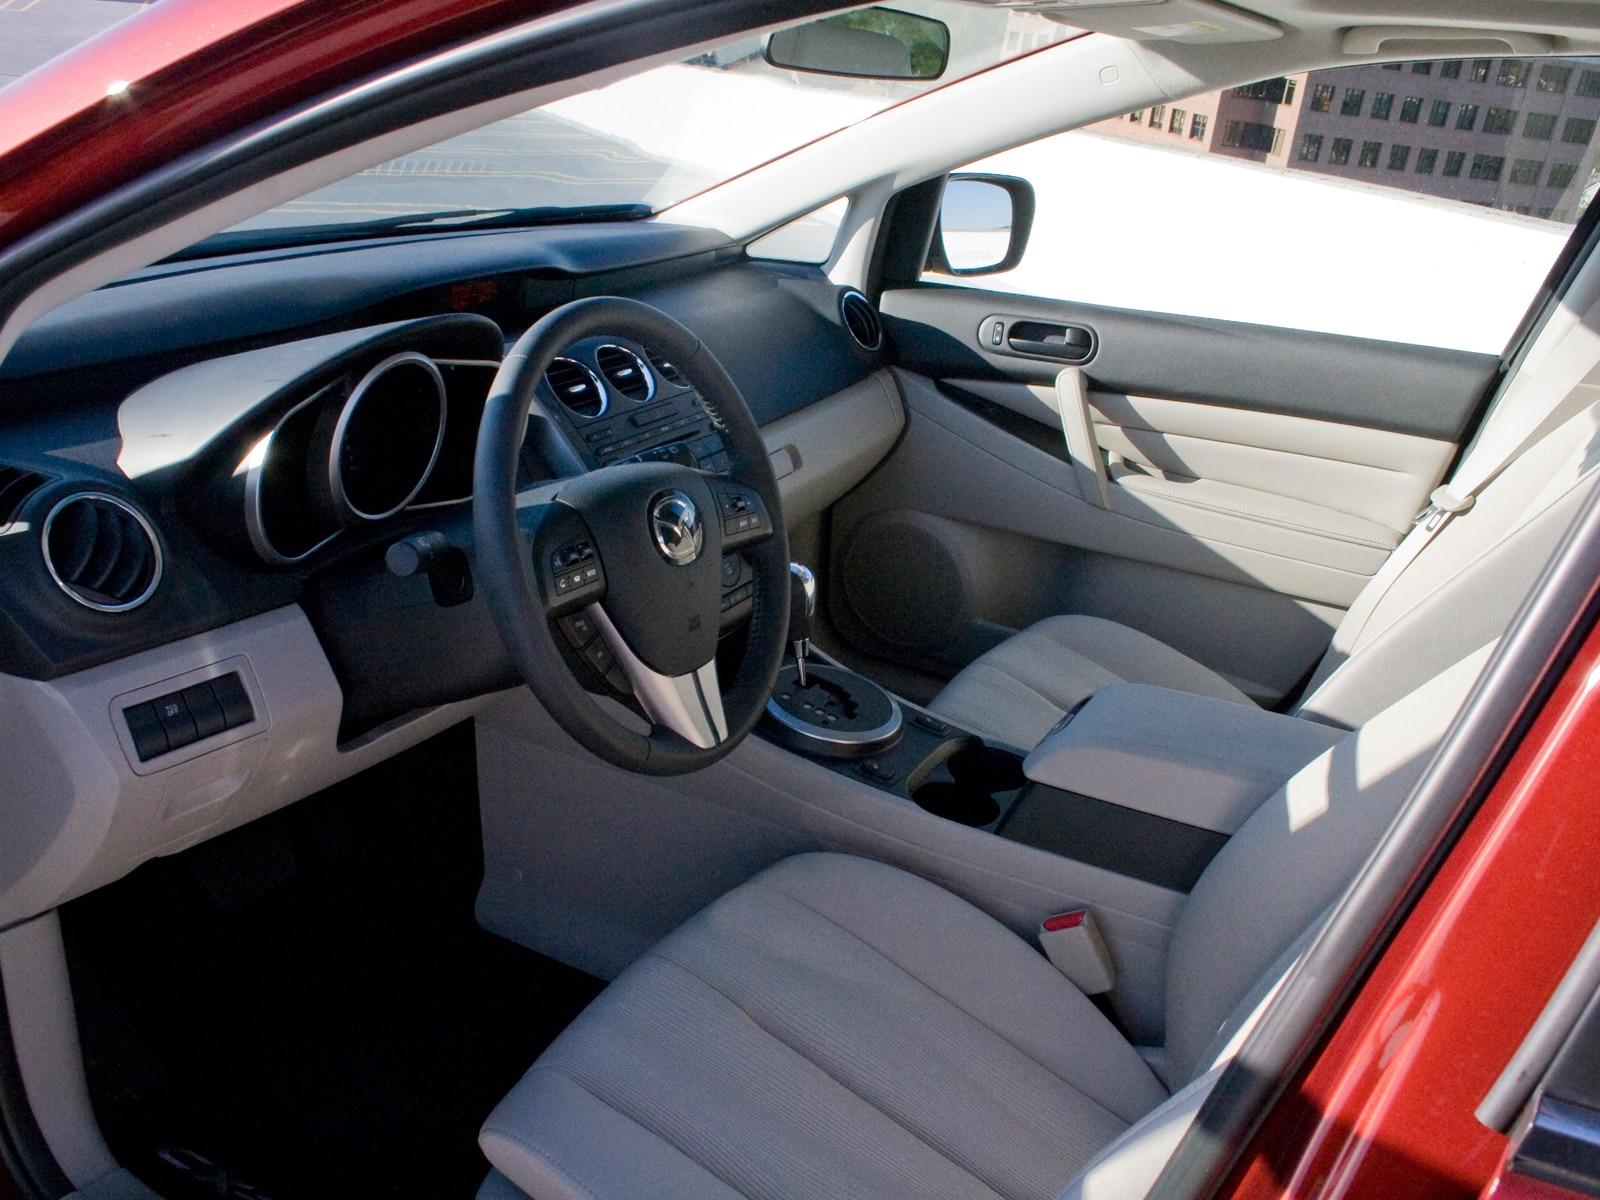 2010 Mazda Cx7 I Sv - Mazda Crossover Suv Review